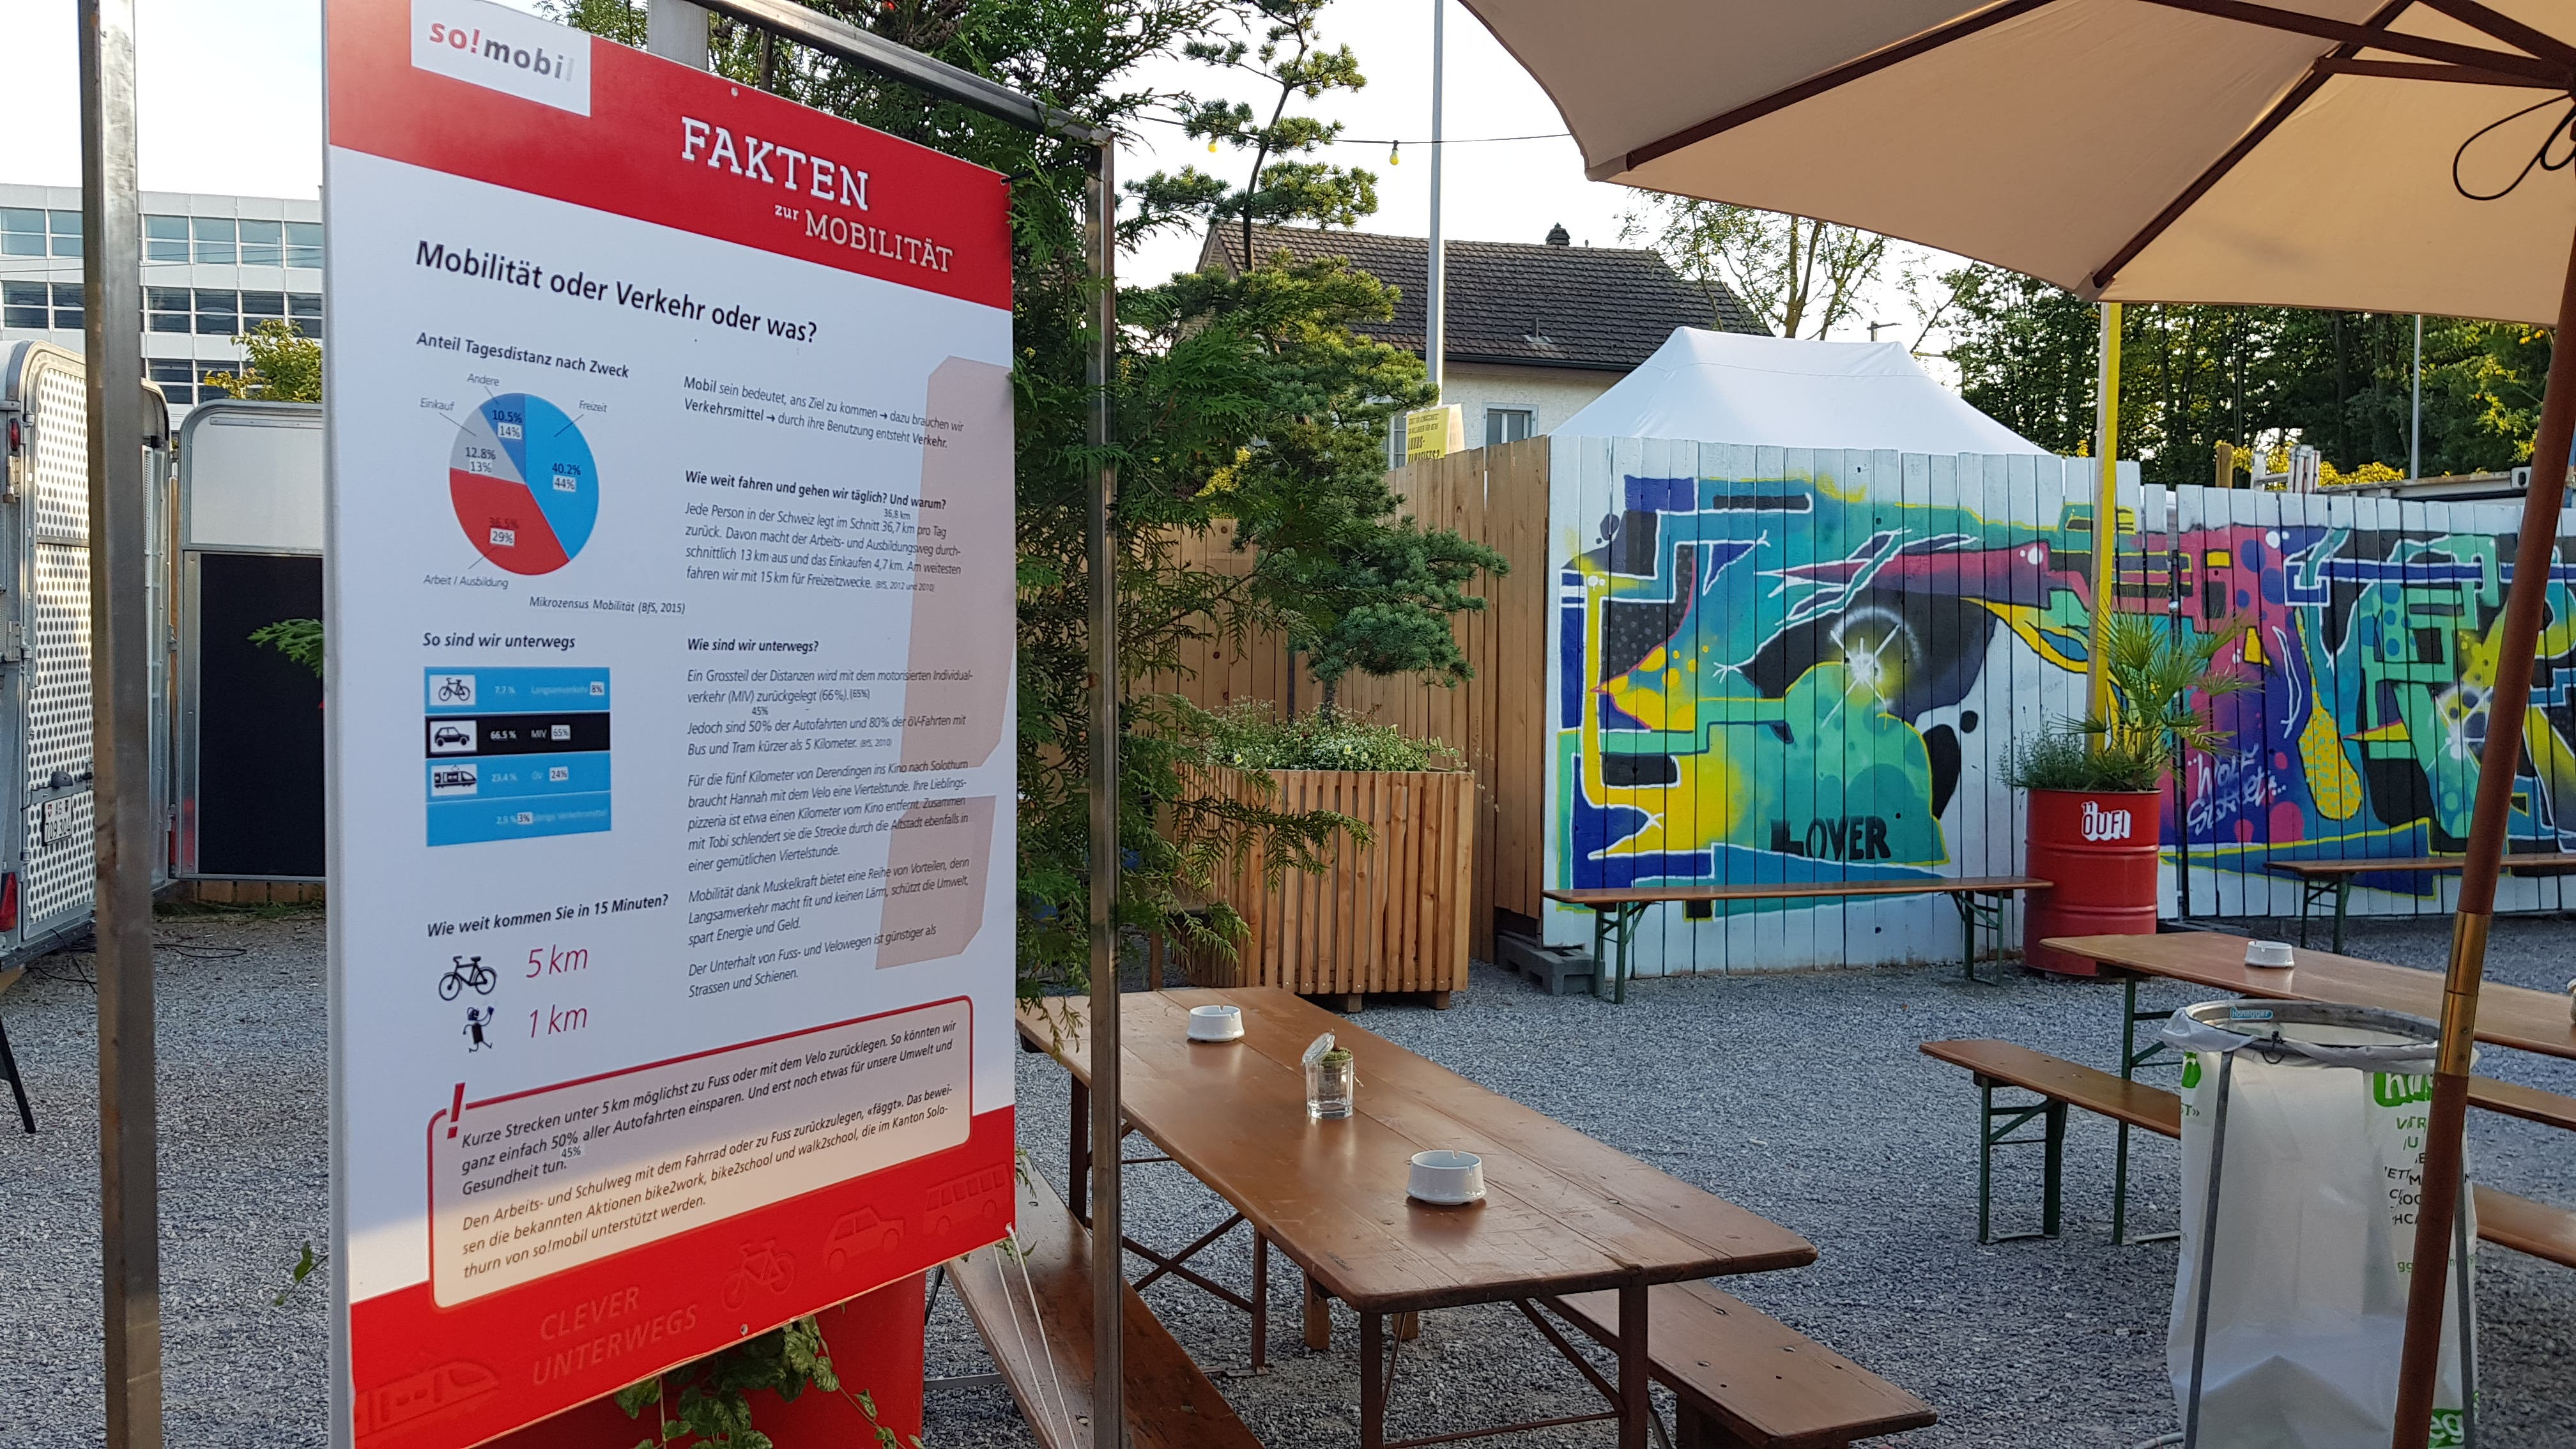 Hast Du gewusst, dass... interessante Infos zum Thema Mobilität am Öufi Sommer auf dem Dornacherplatz